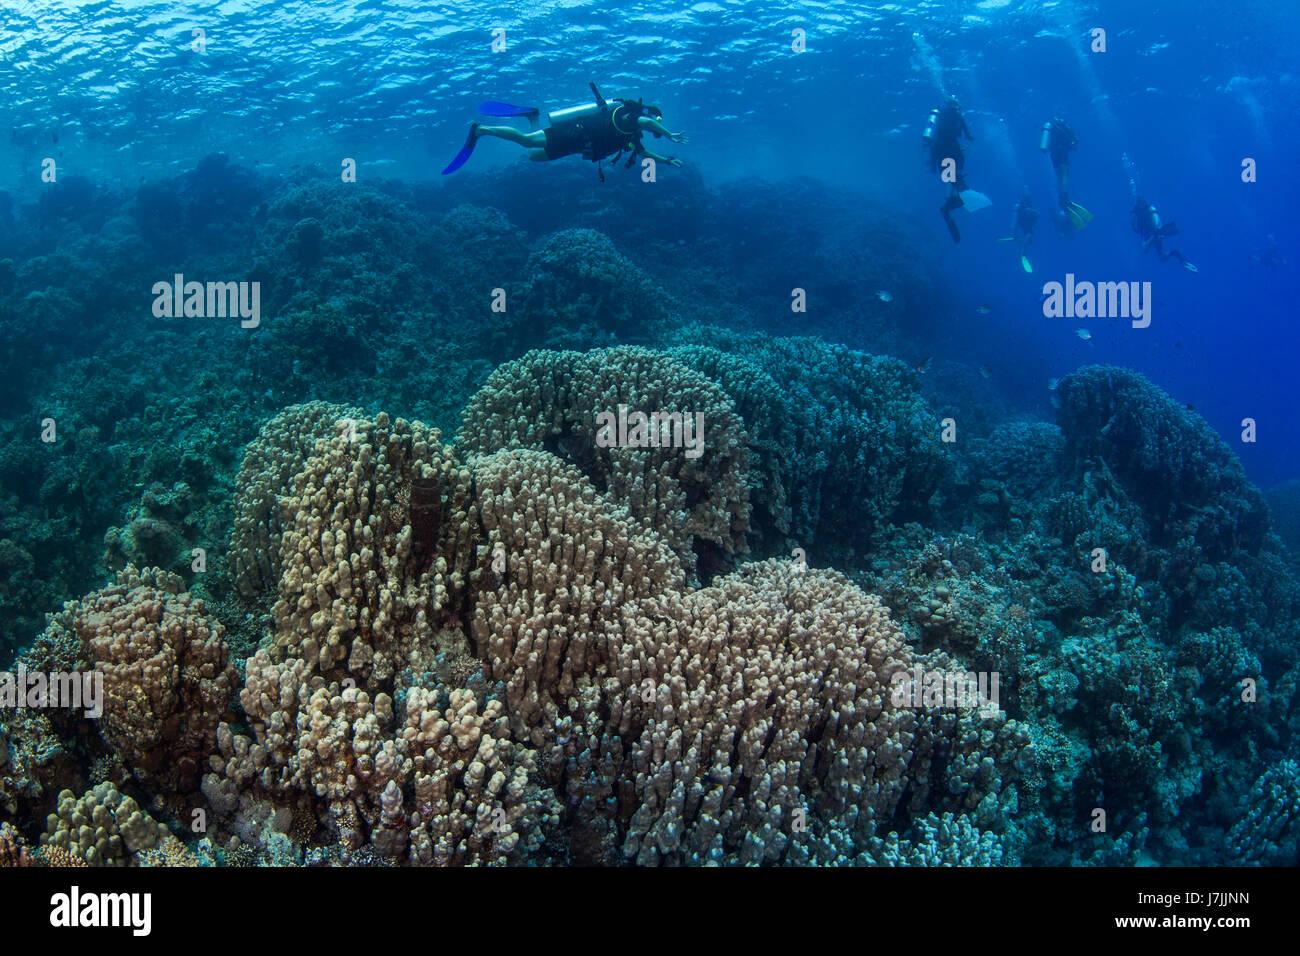 Subacquei esplorare hard Coral reef del Mar Rosso al largo delle coste di Egitto. Immagini Stock